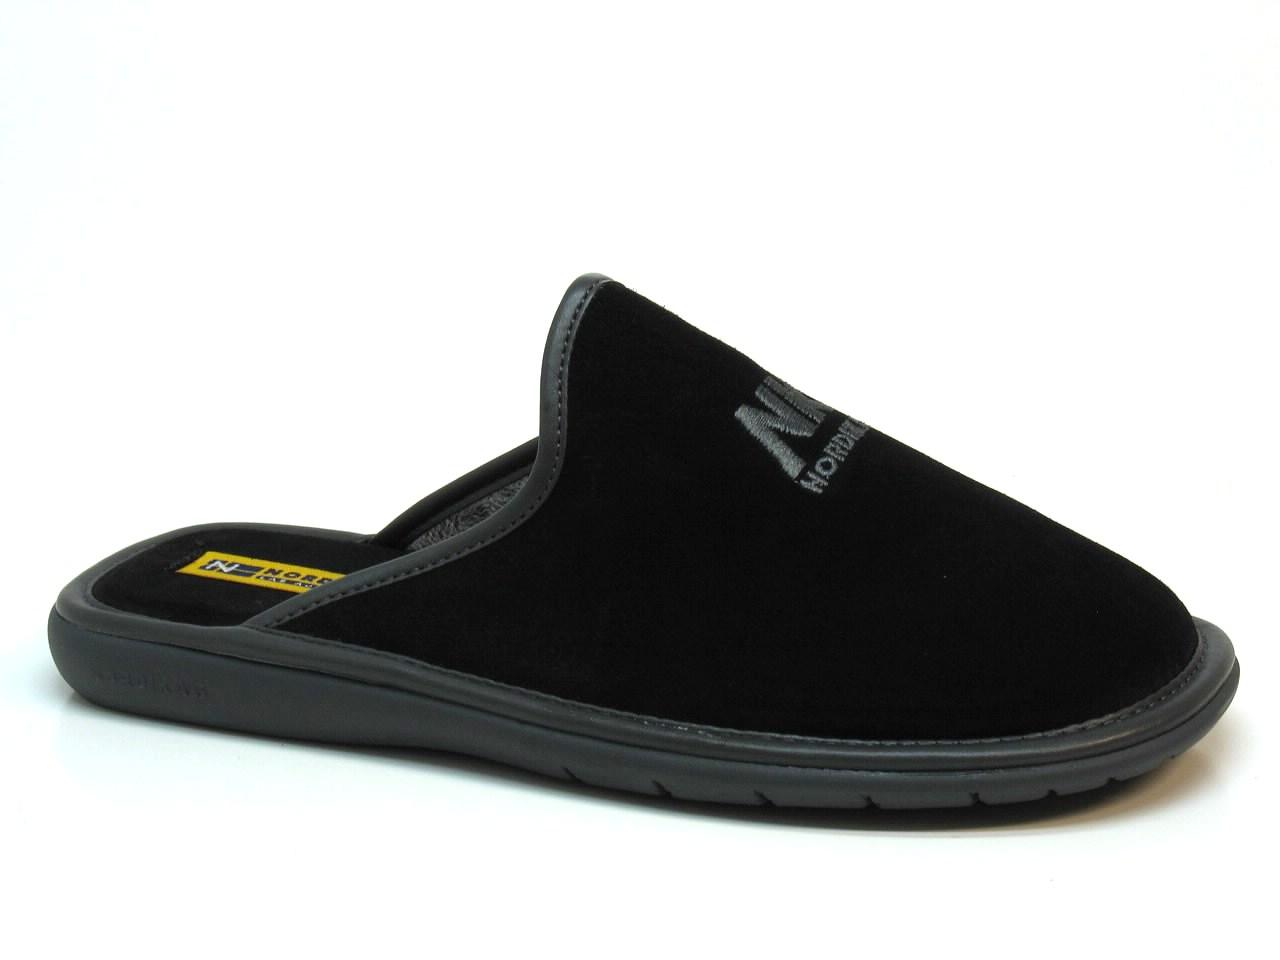 Zapatillas de casa nordikas 364236 tienda glispe - Zapatillas para casa ...